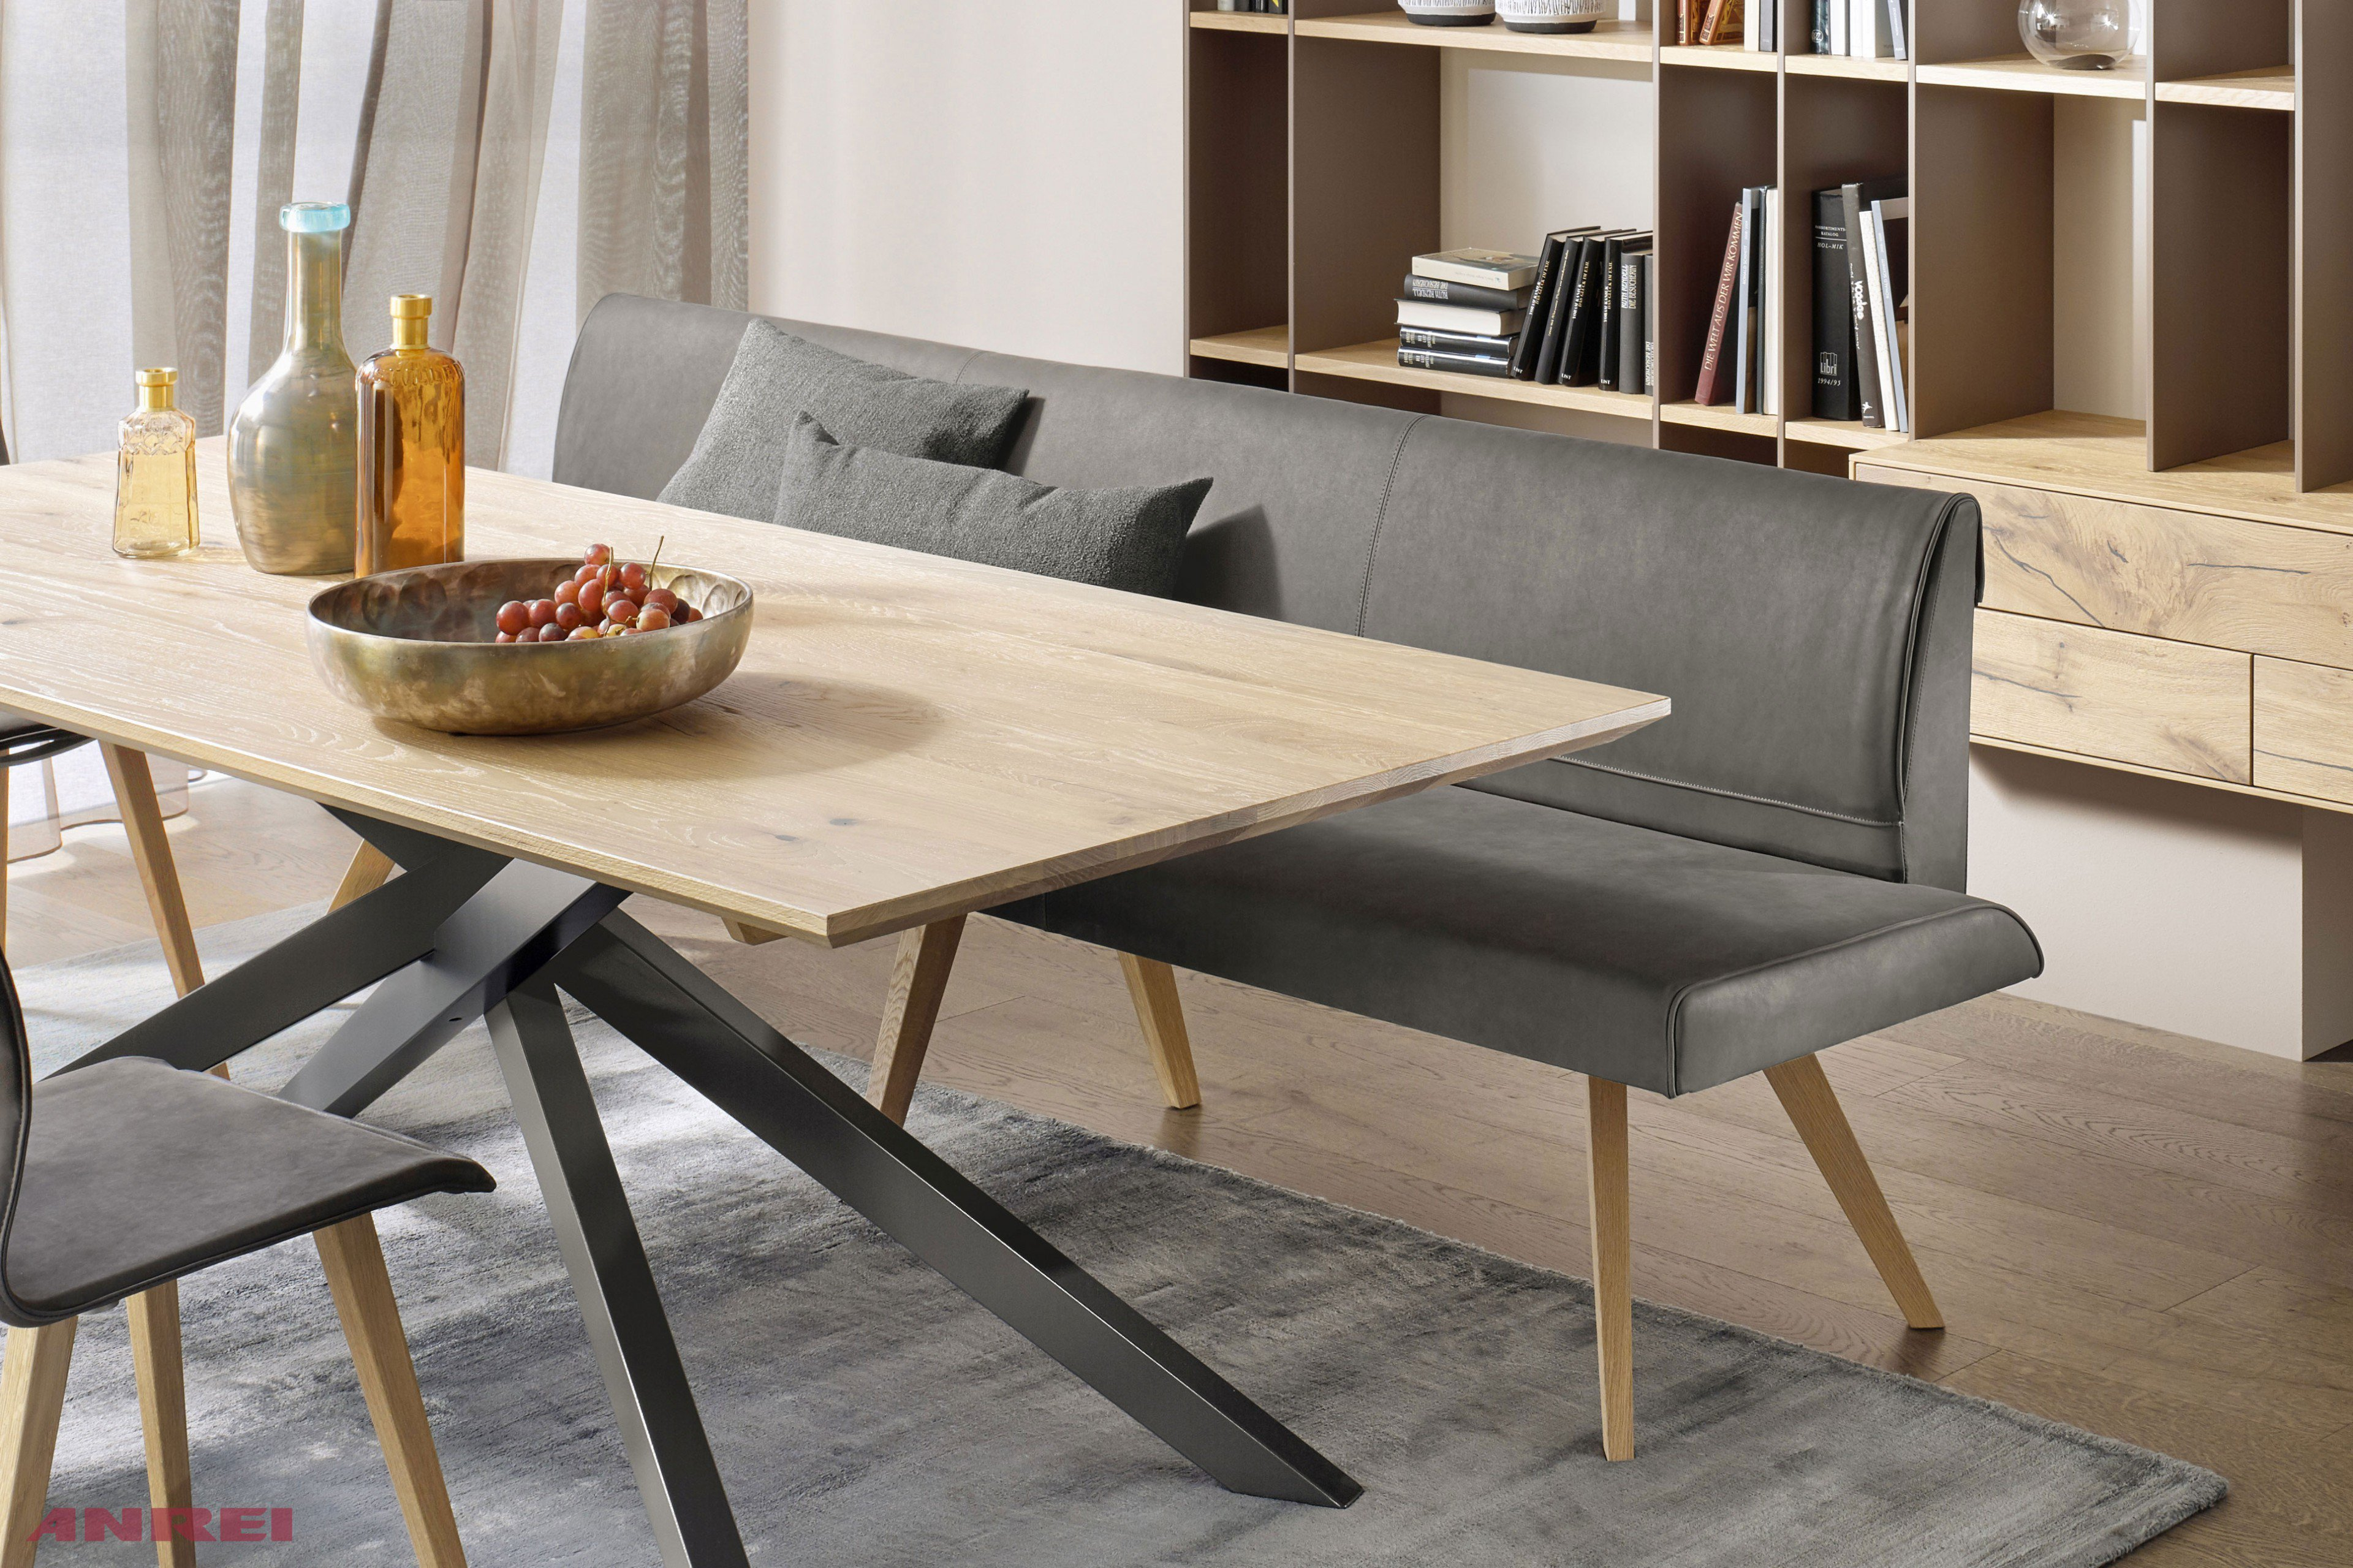 ungew hnlich gartenm bel metro bilder die. Black Bedroom Furniture Sets. Home Design Ideas